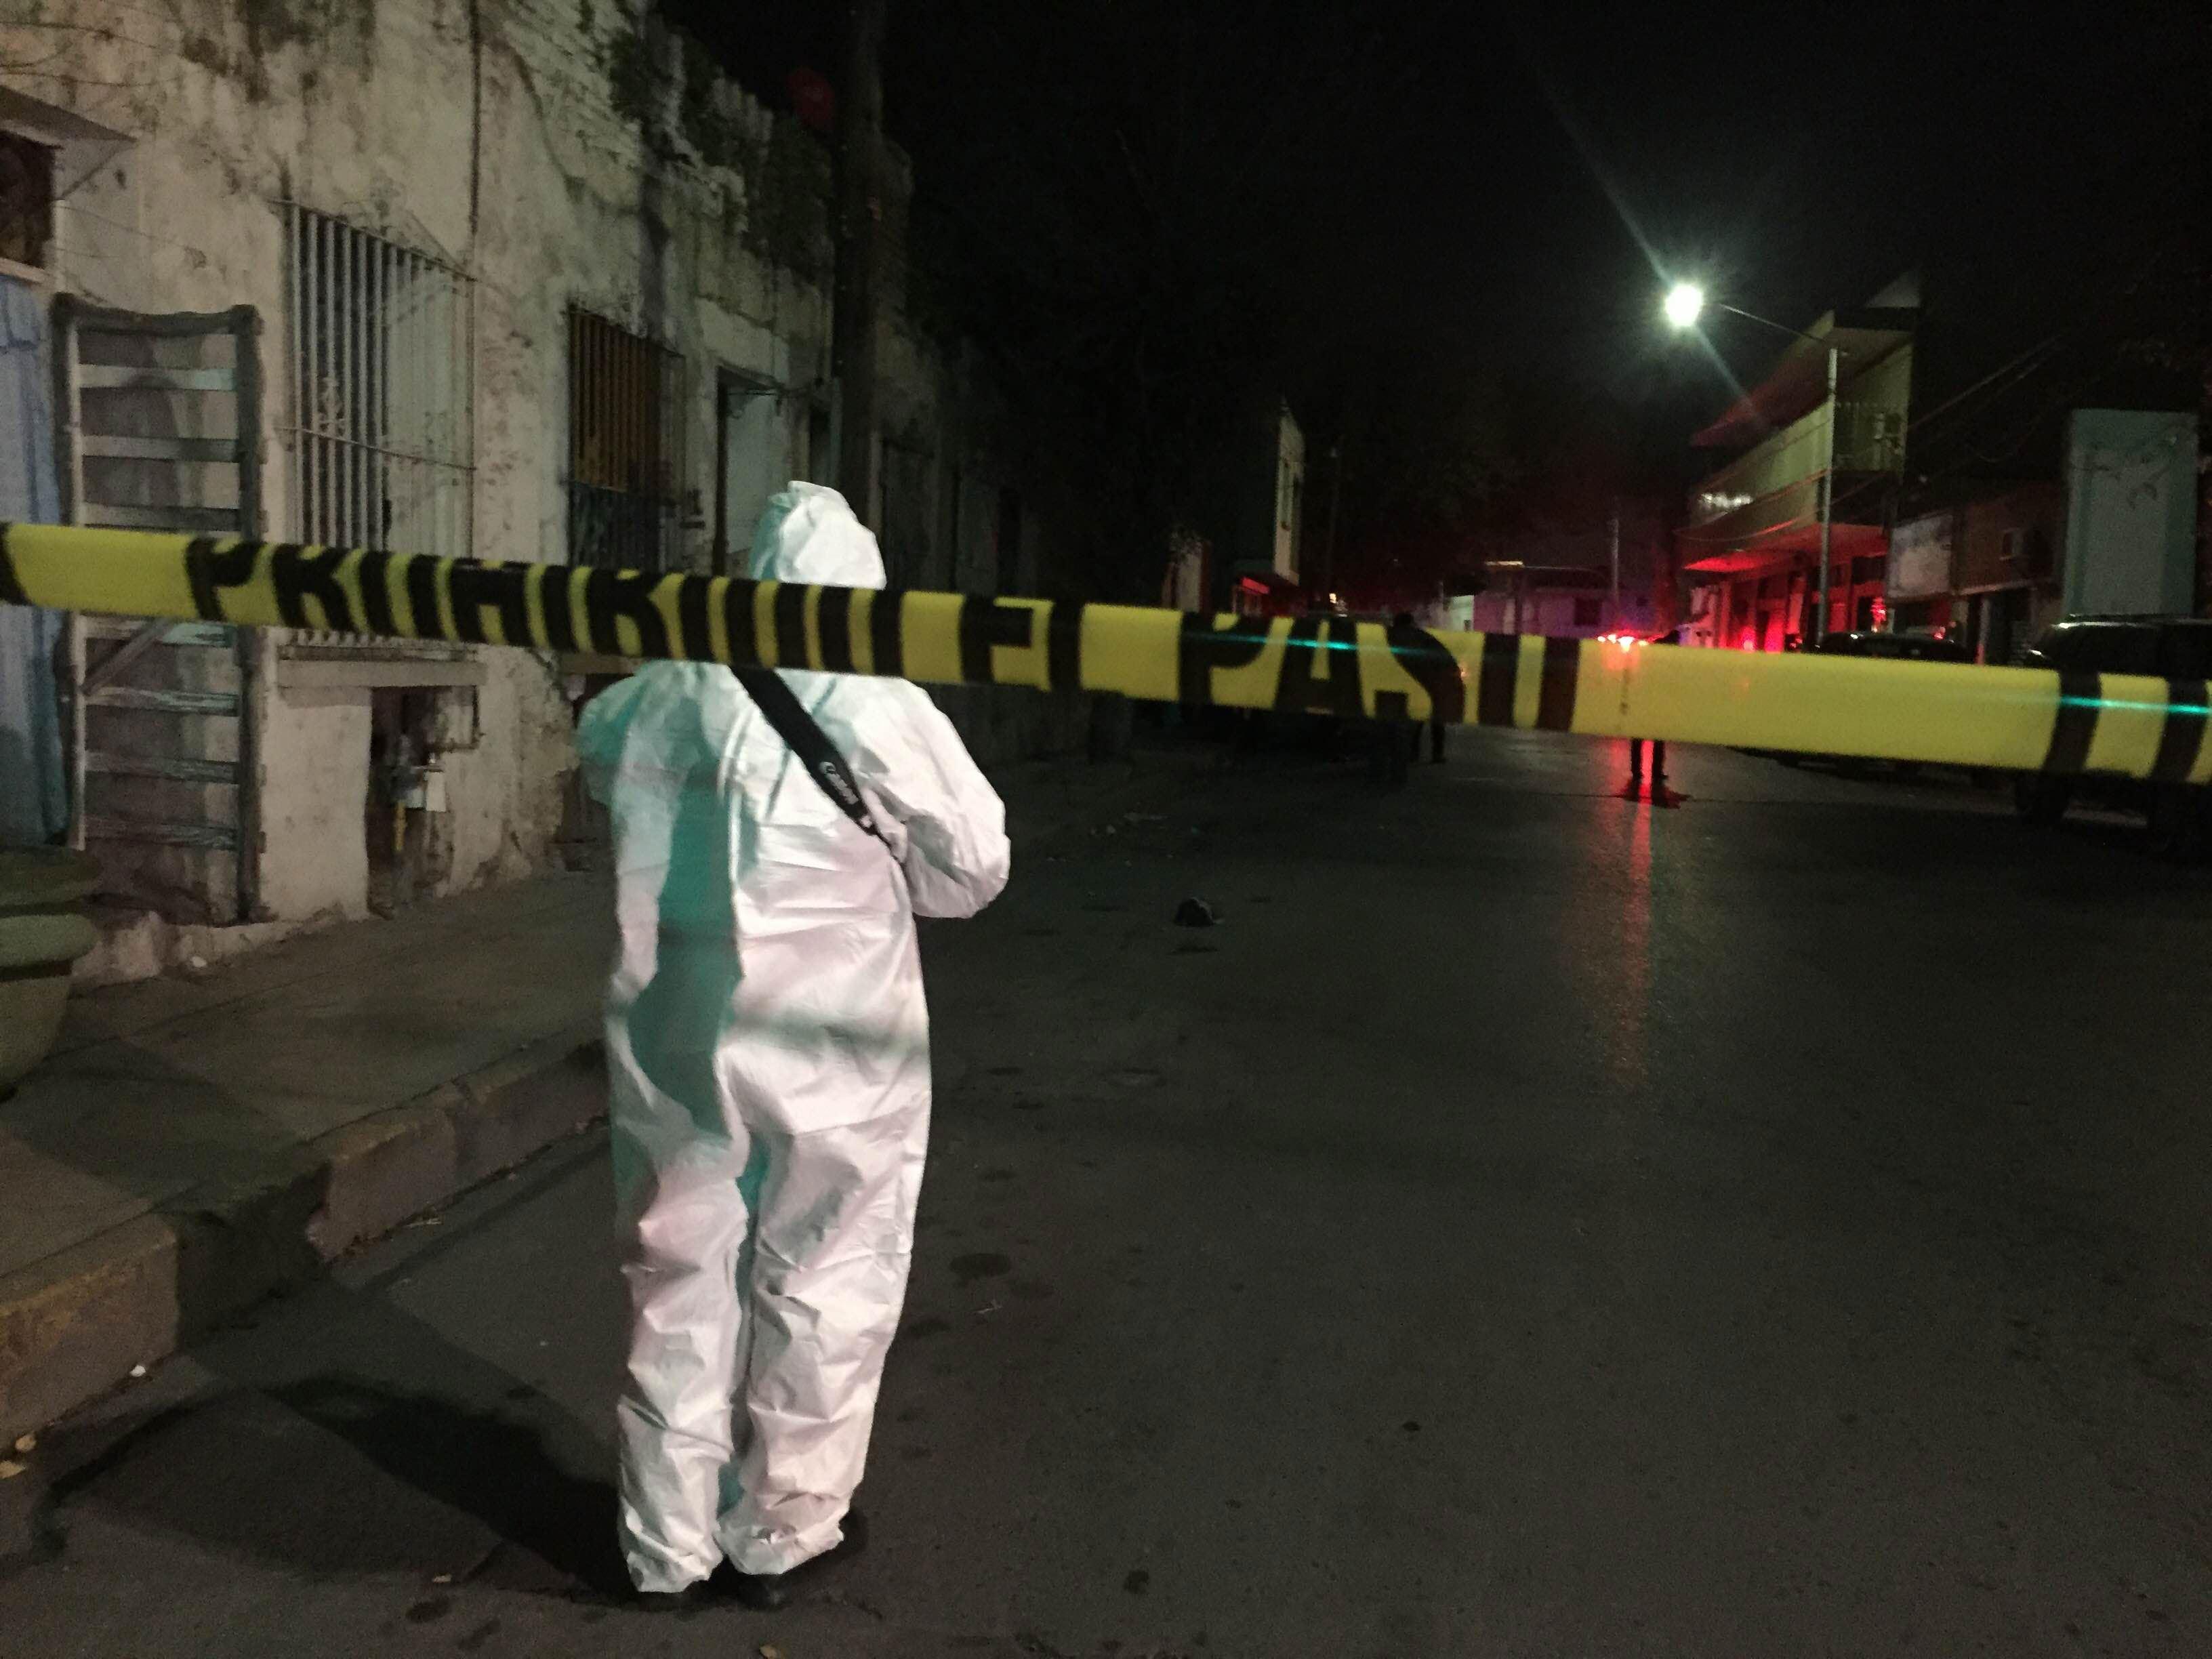 Un muerto y un herido tras riña fuera de bar en Veracruz